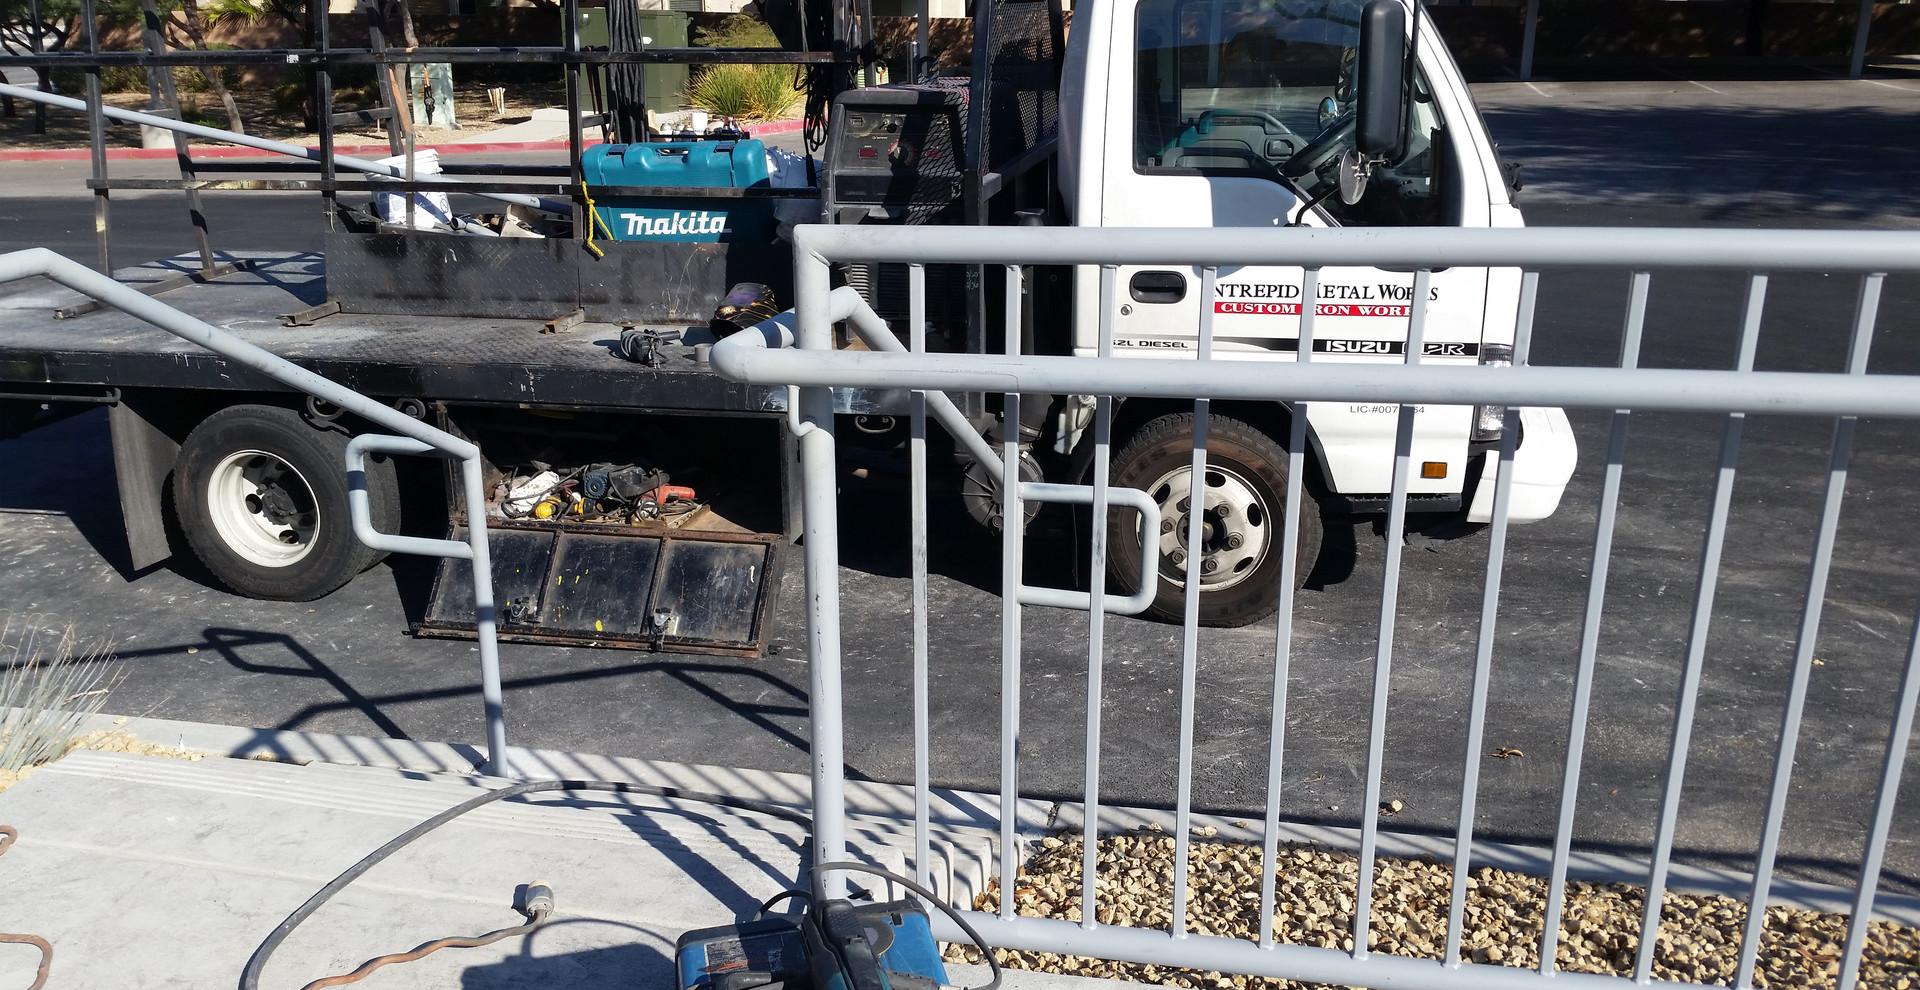 Commercial Railings Las Vegas - Intrepid Metal Works Inc.